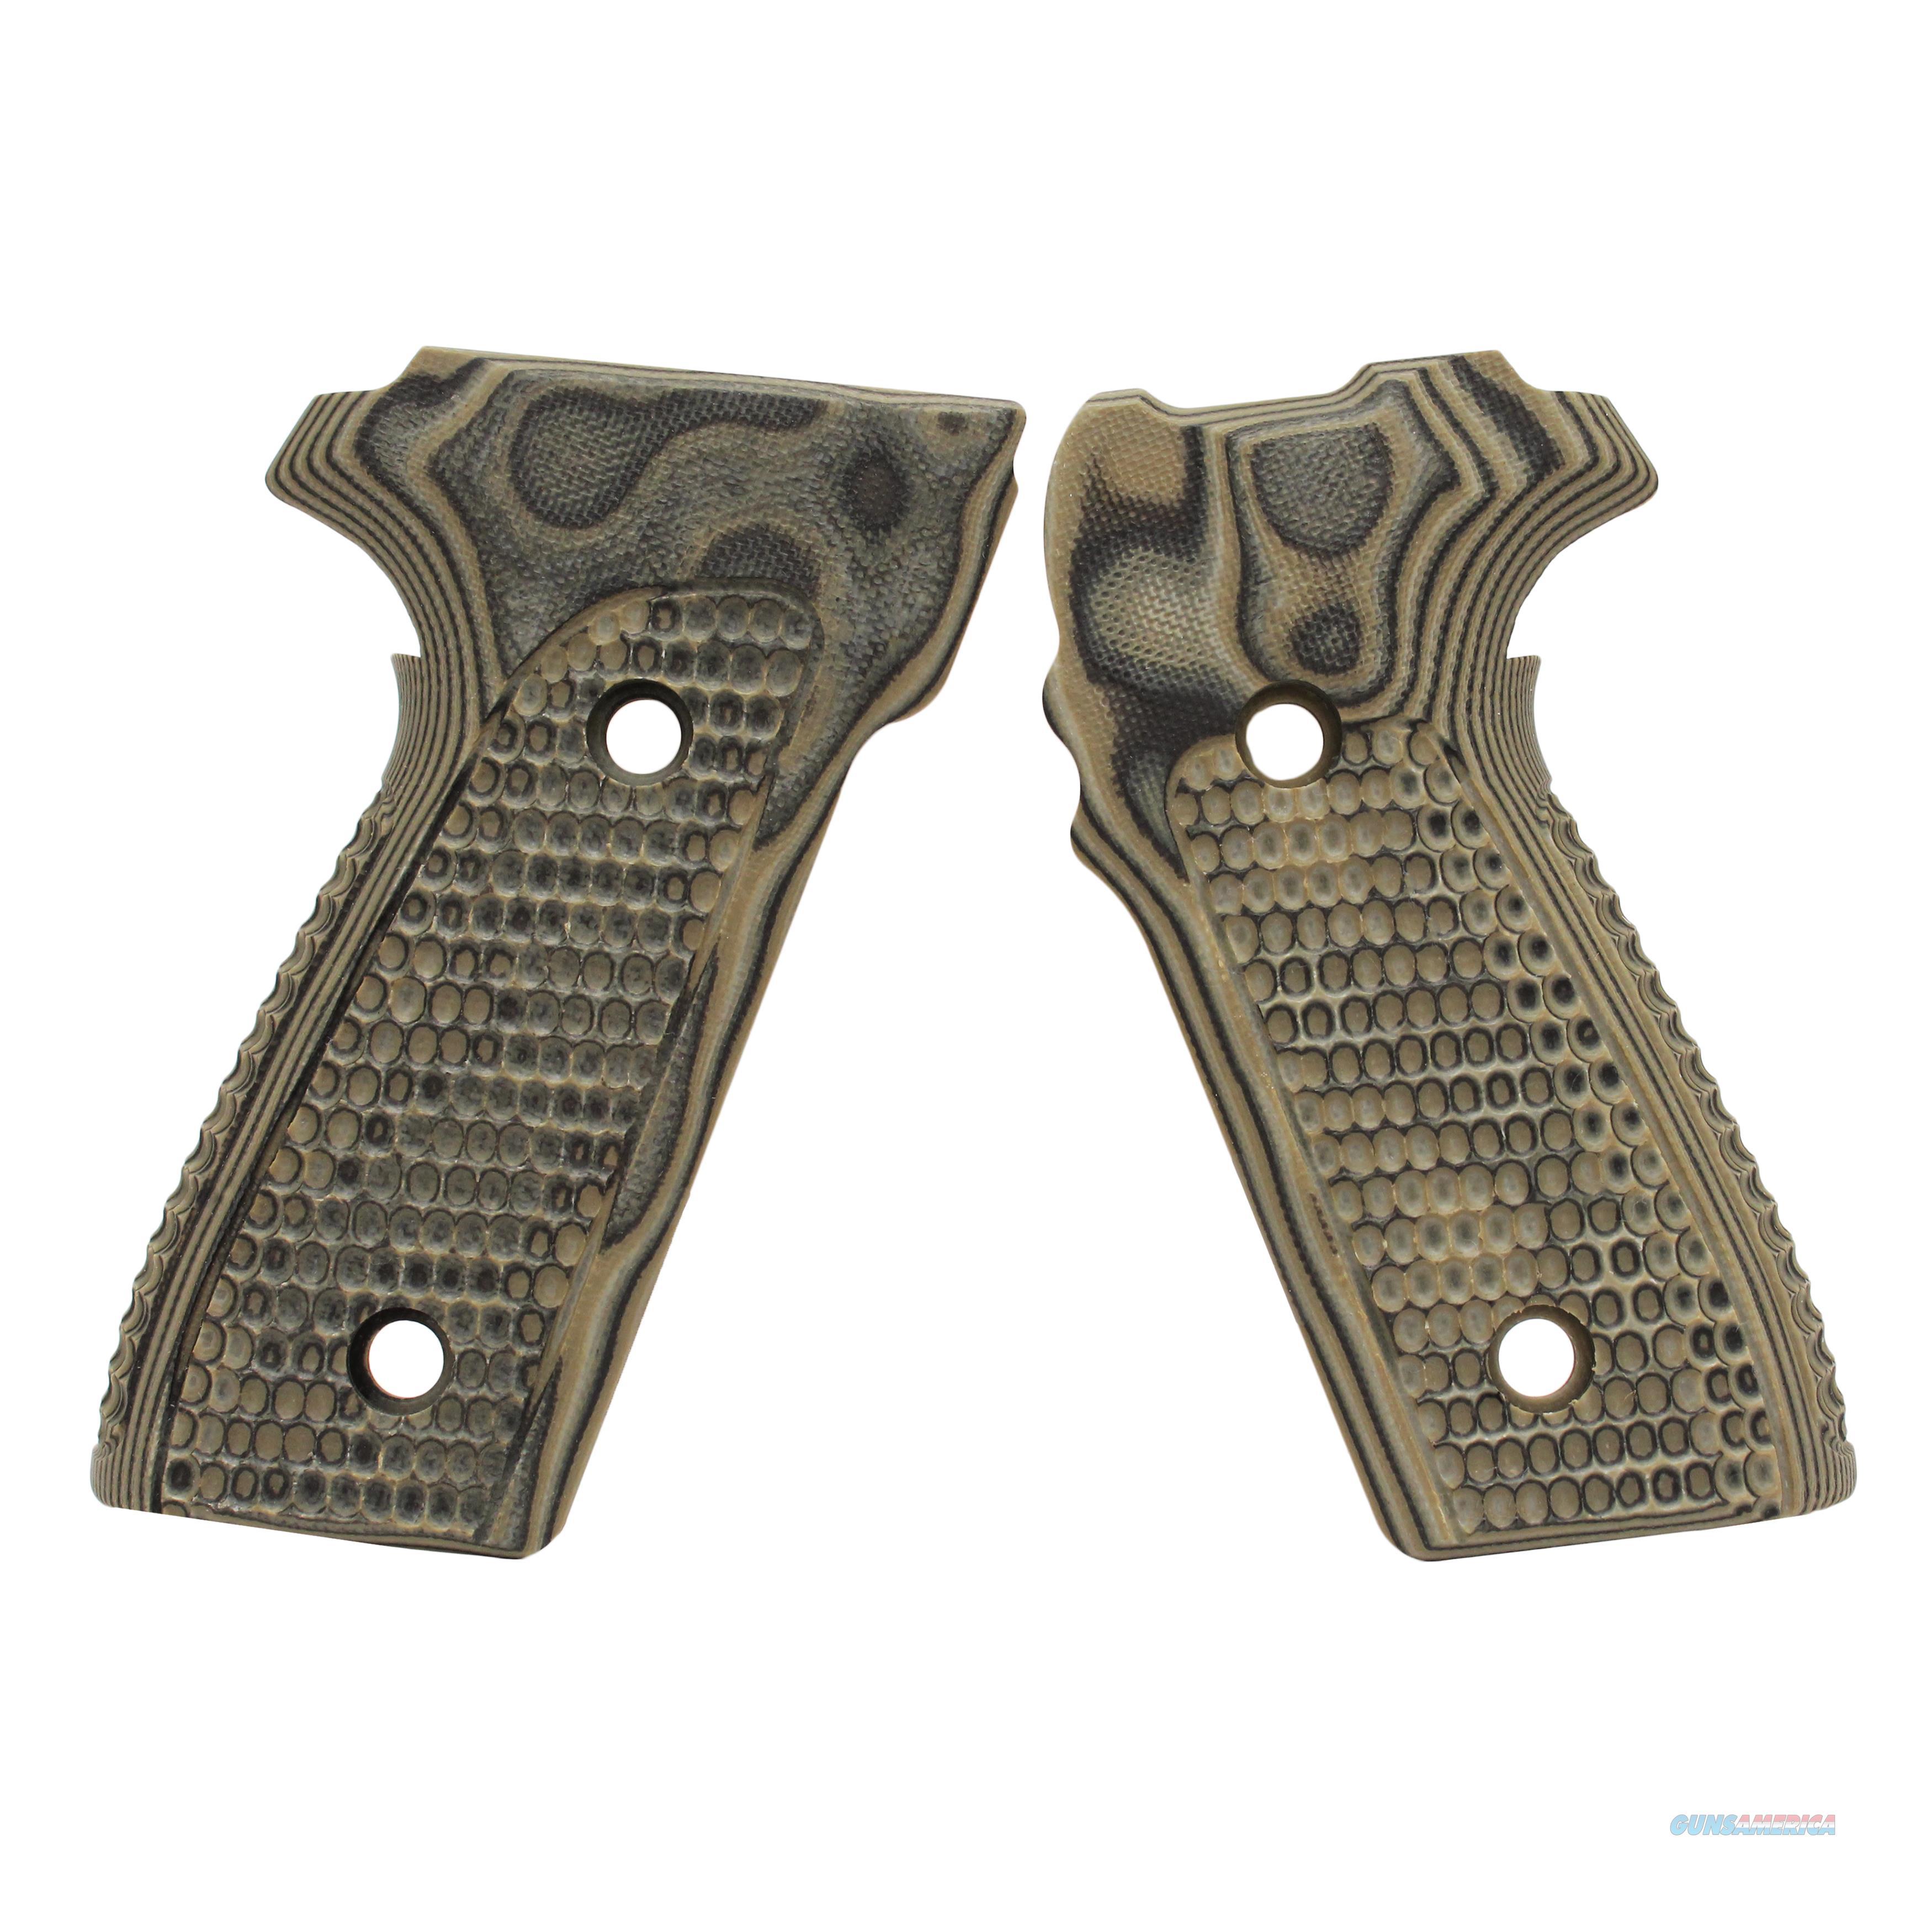 Hogue Sig P228/P229 Grips 28138  Non-Guns > Gunstocks, Grips & Wood